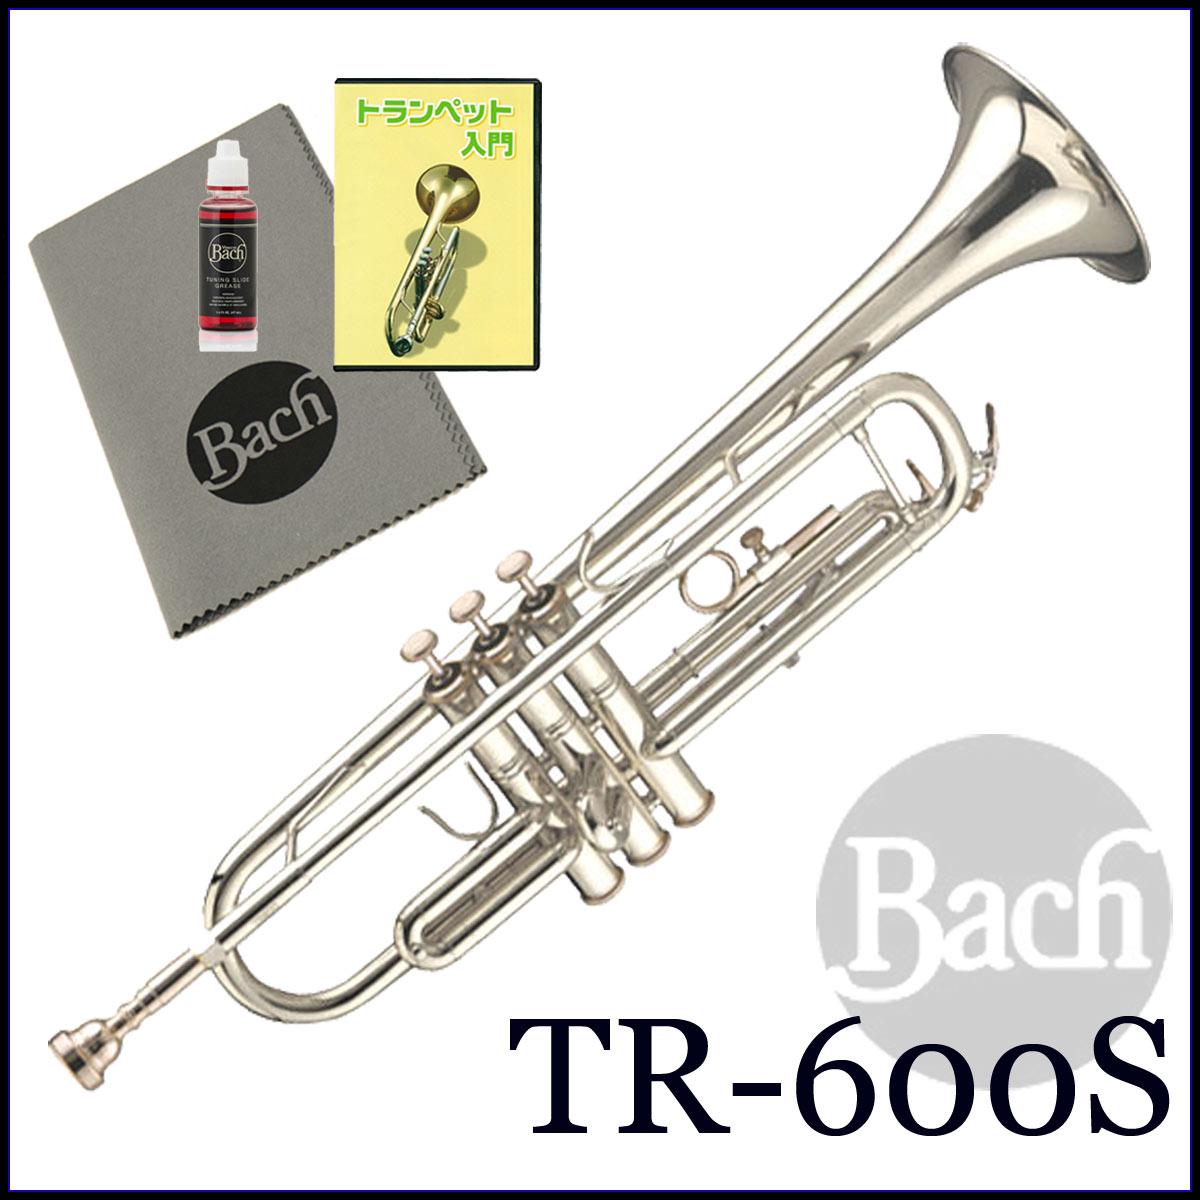 【在庫あり】Bach / TR-600SP バック トランペット TR600S 銀メッキ仕…...:ishibashi:10022165